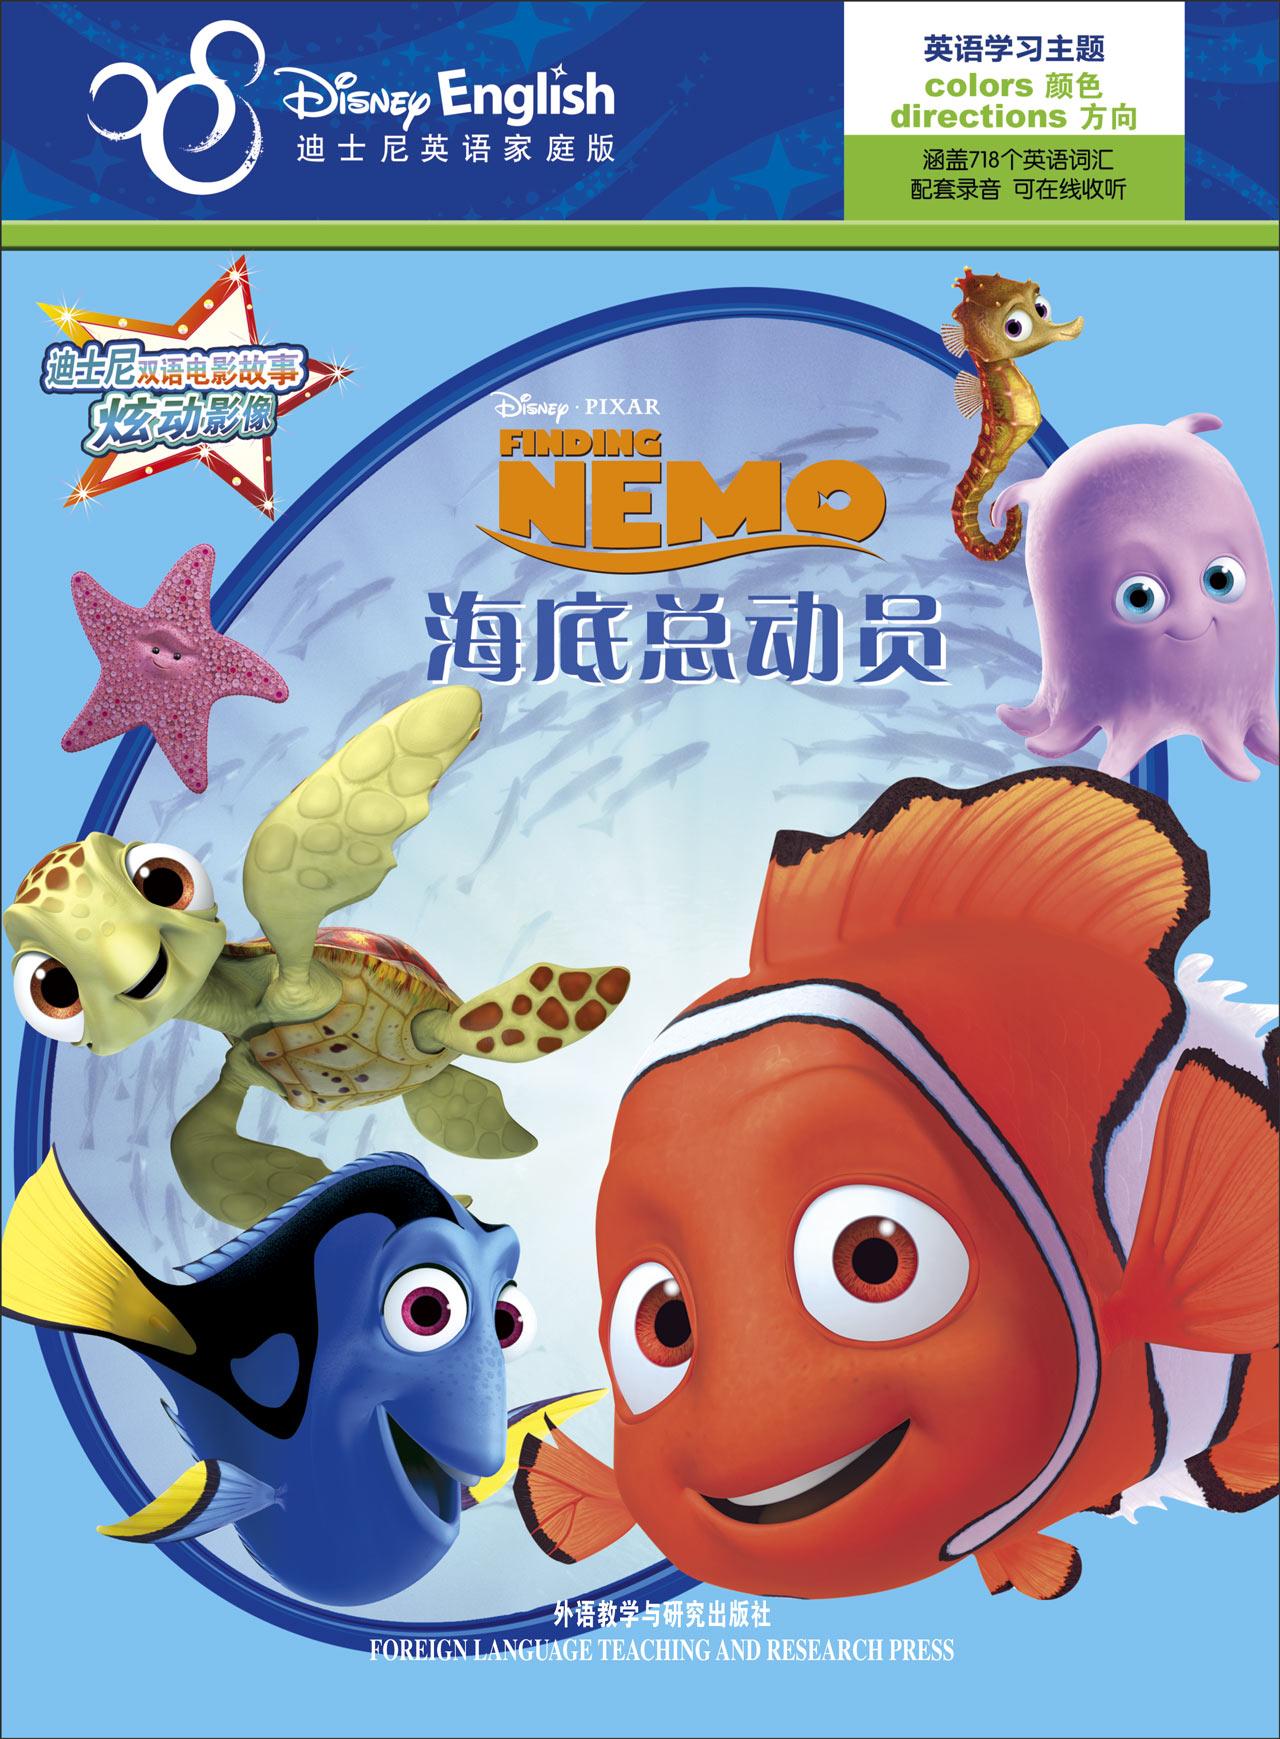 迪士尼双语电影故事·炫动影像:海底总动员(迪士尼英语家庭版)赛车总